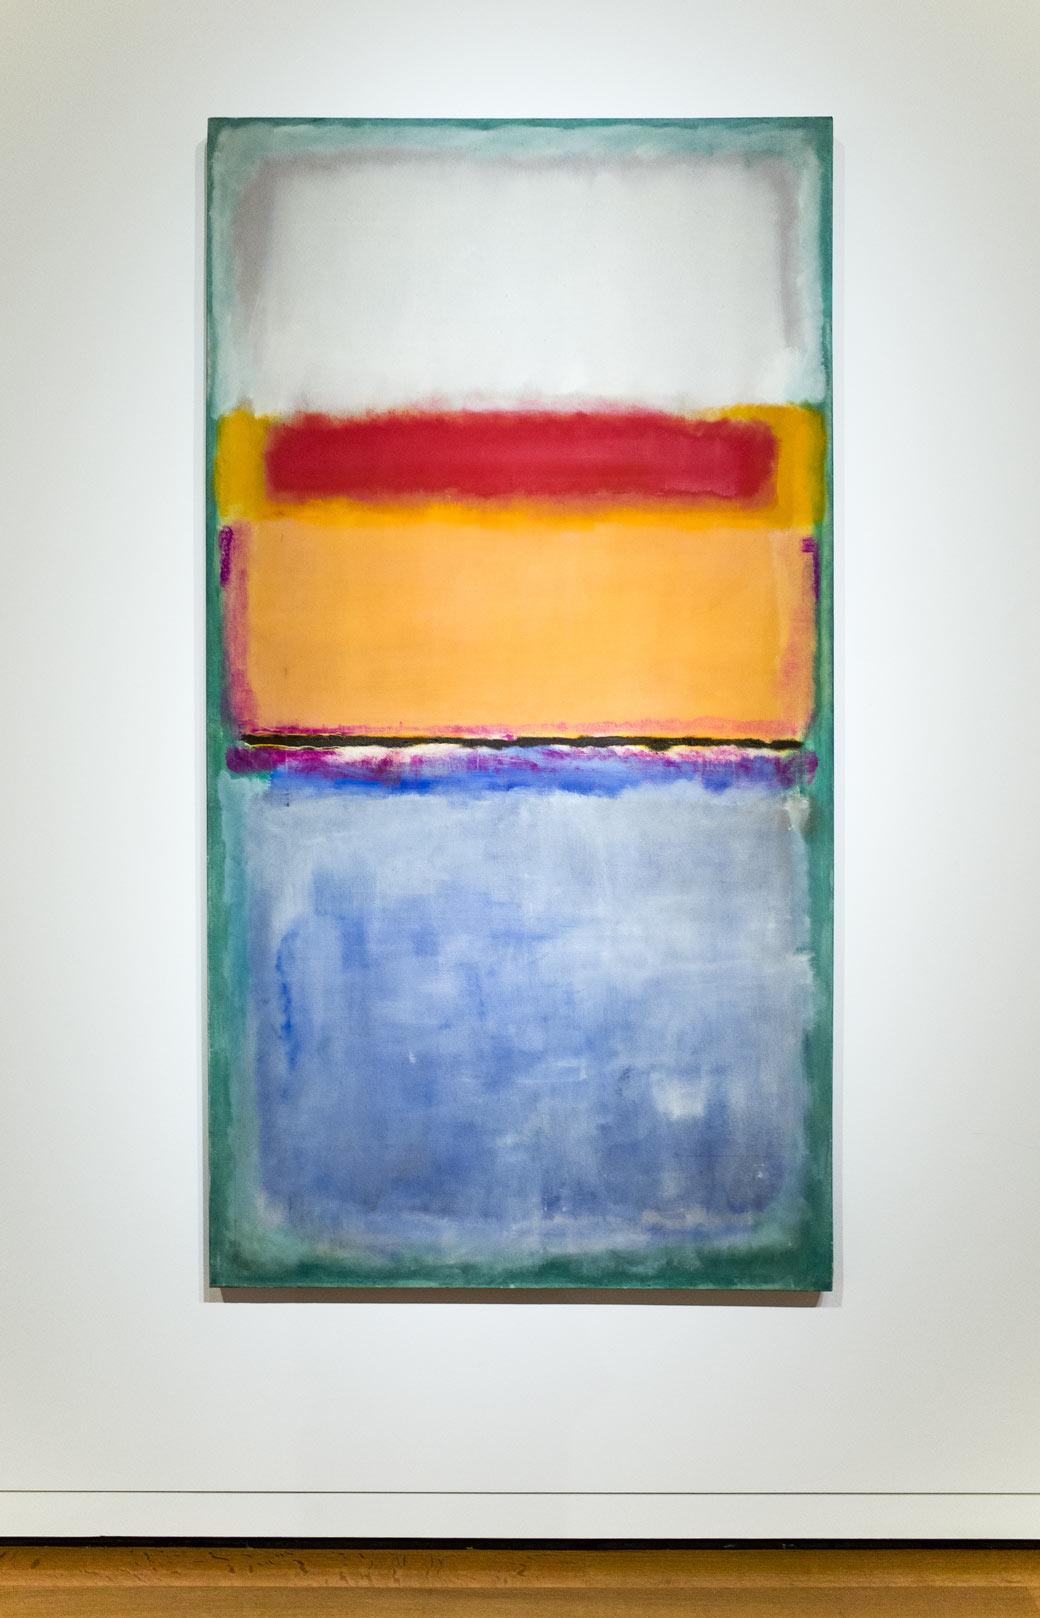 #10, 1952 – Mark Rothko